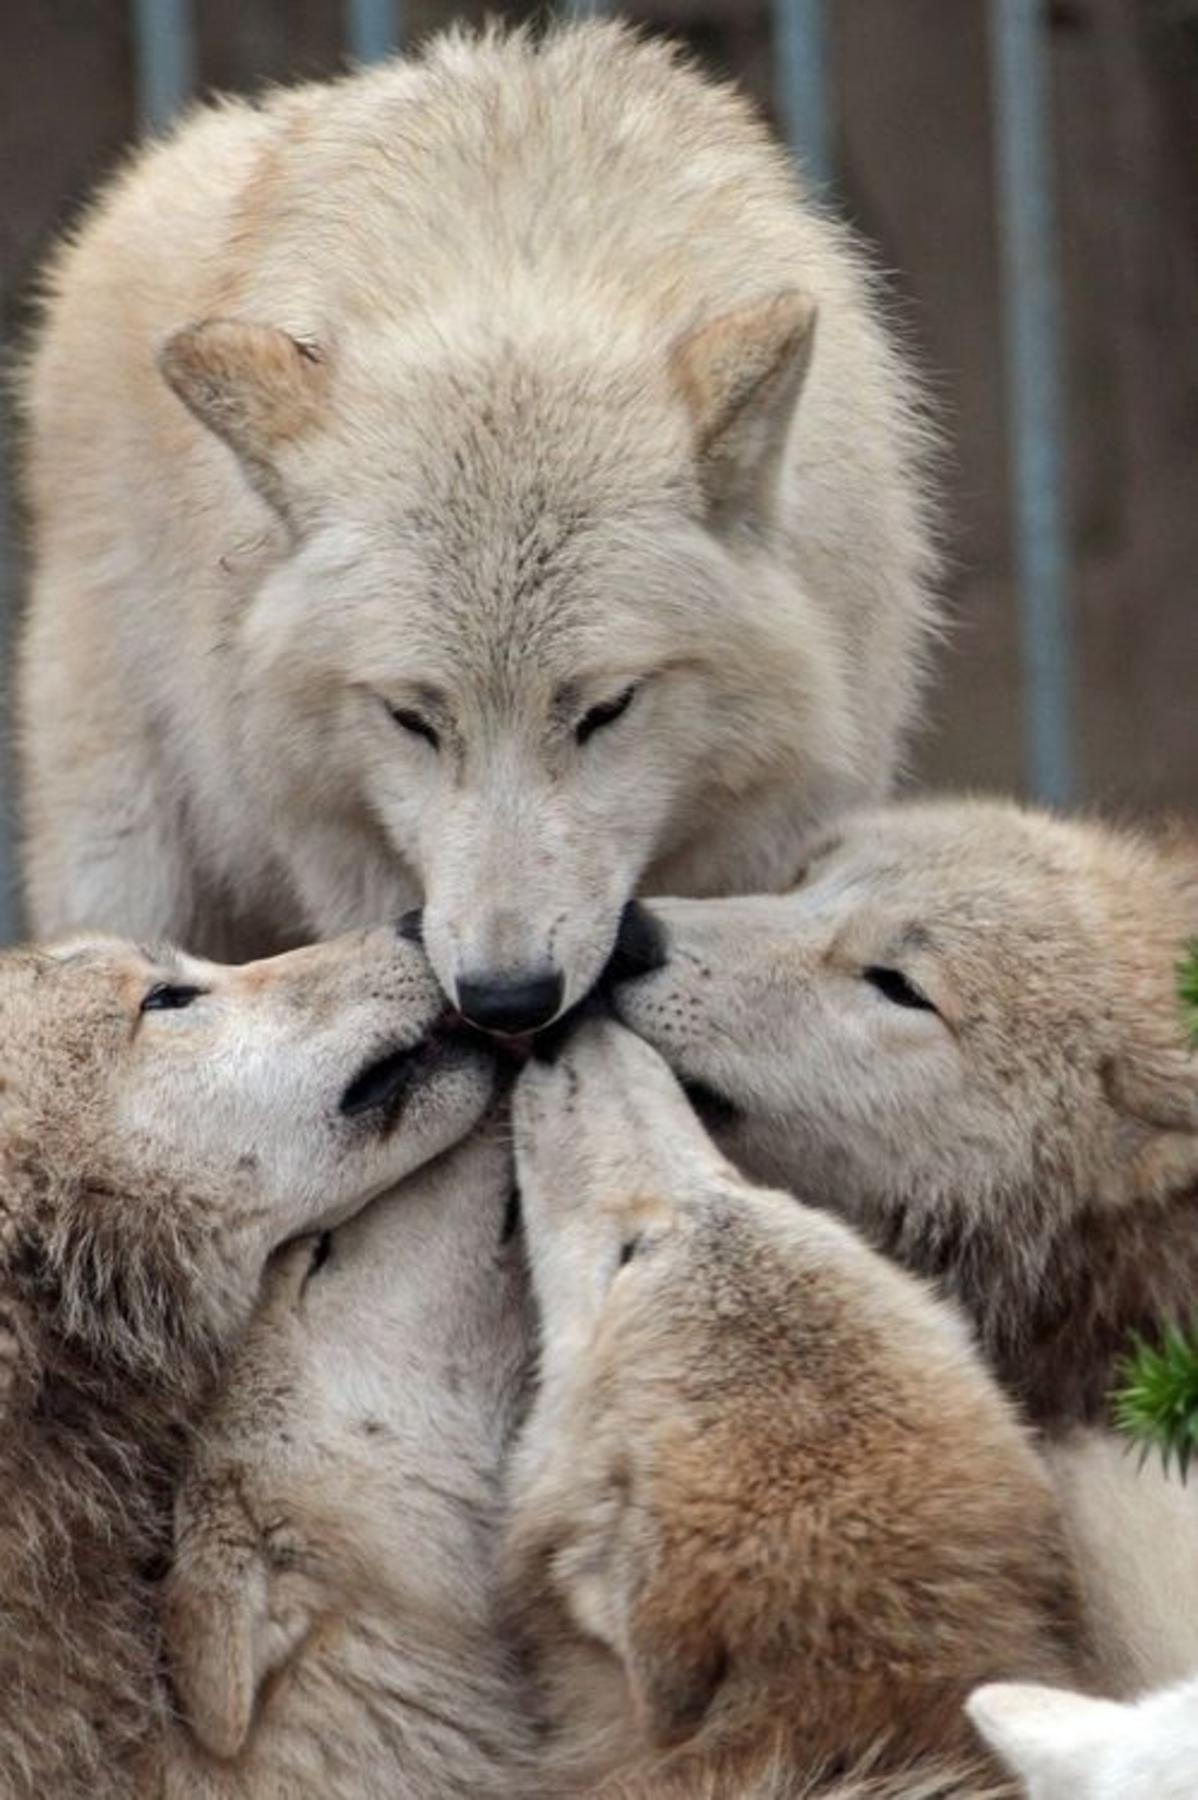 Wolf Bilder Zum Ausmalen Einzigartig Fuchs Bilder Zum Zeichnen Ideal Pin Von Gerald W Auf Wolf Pinterest Stock